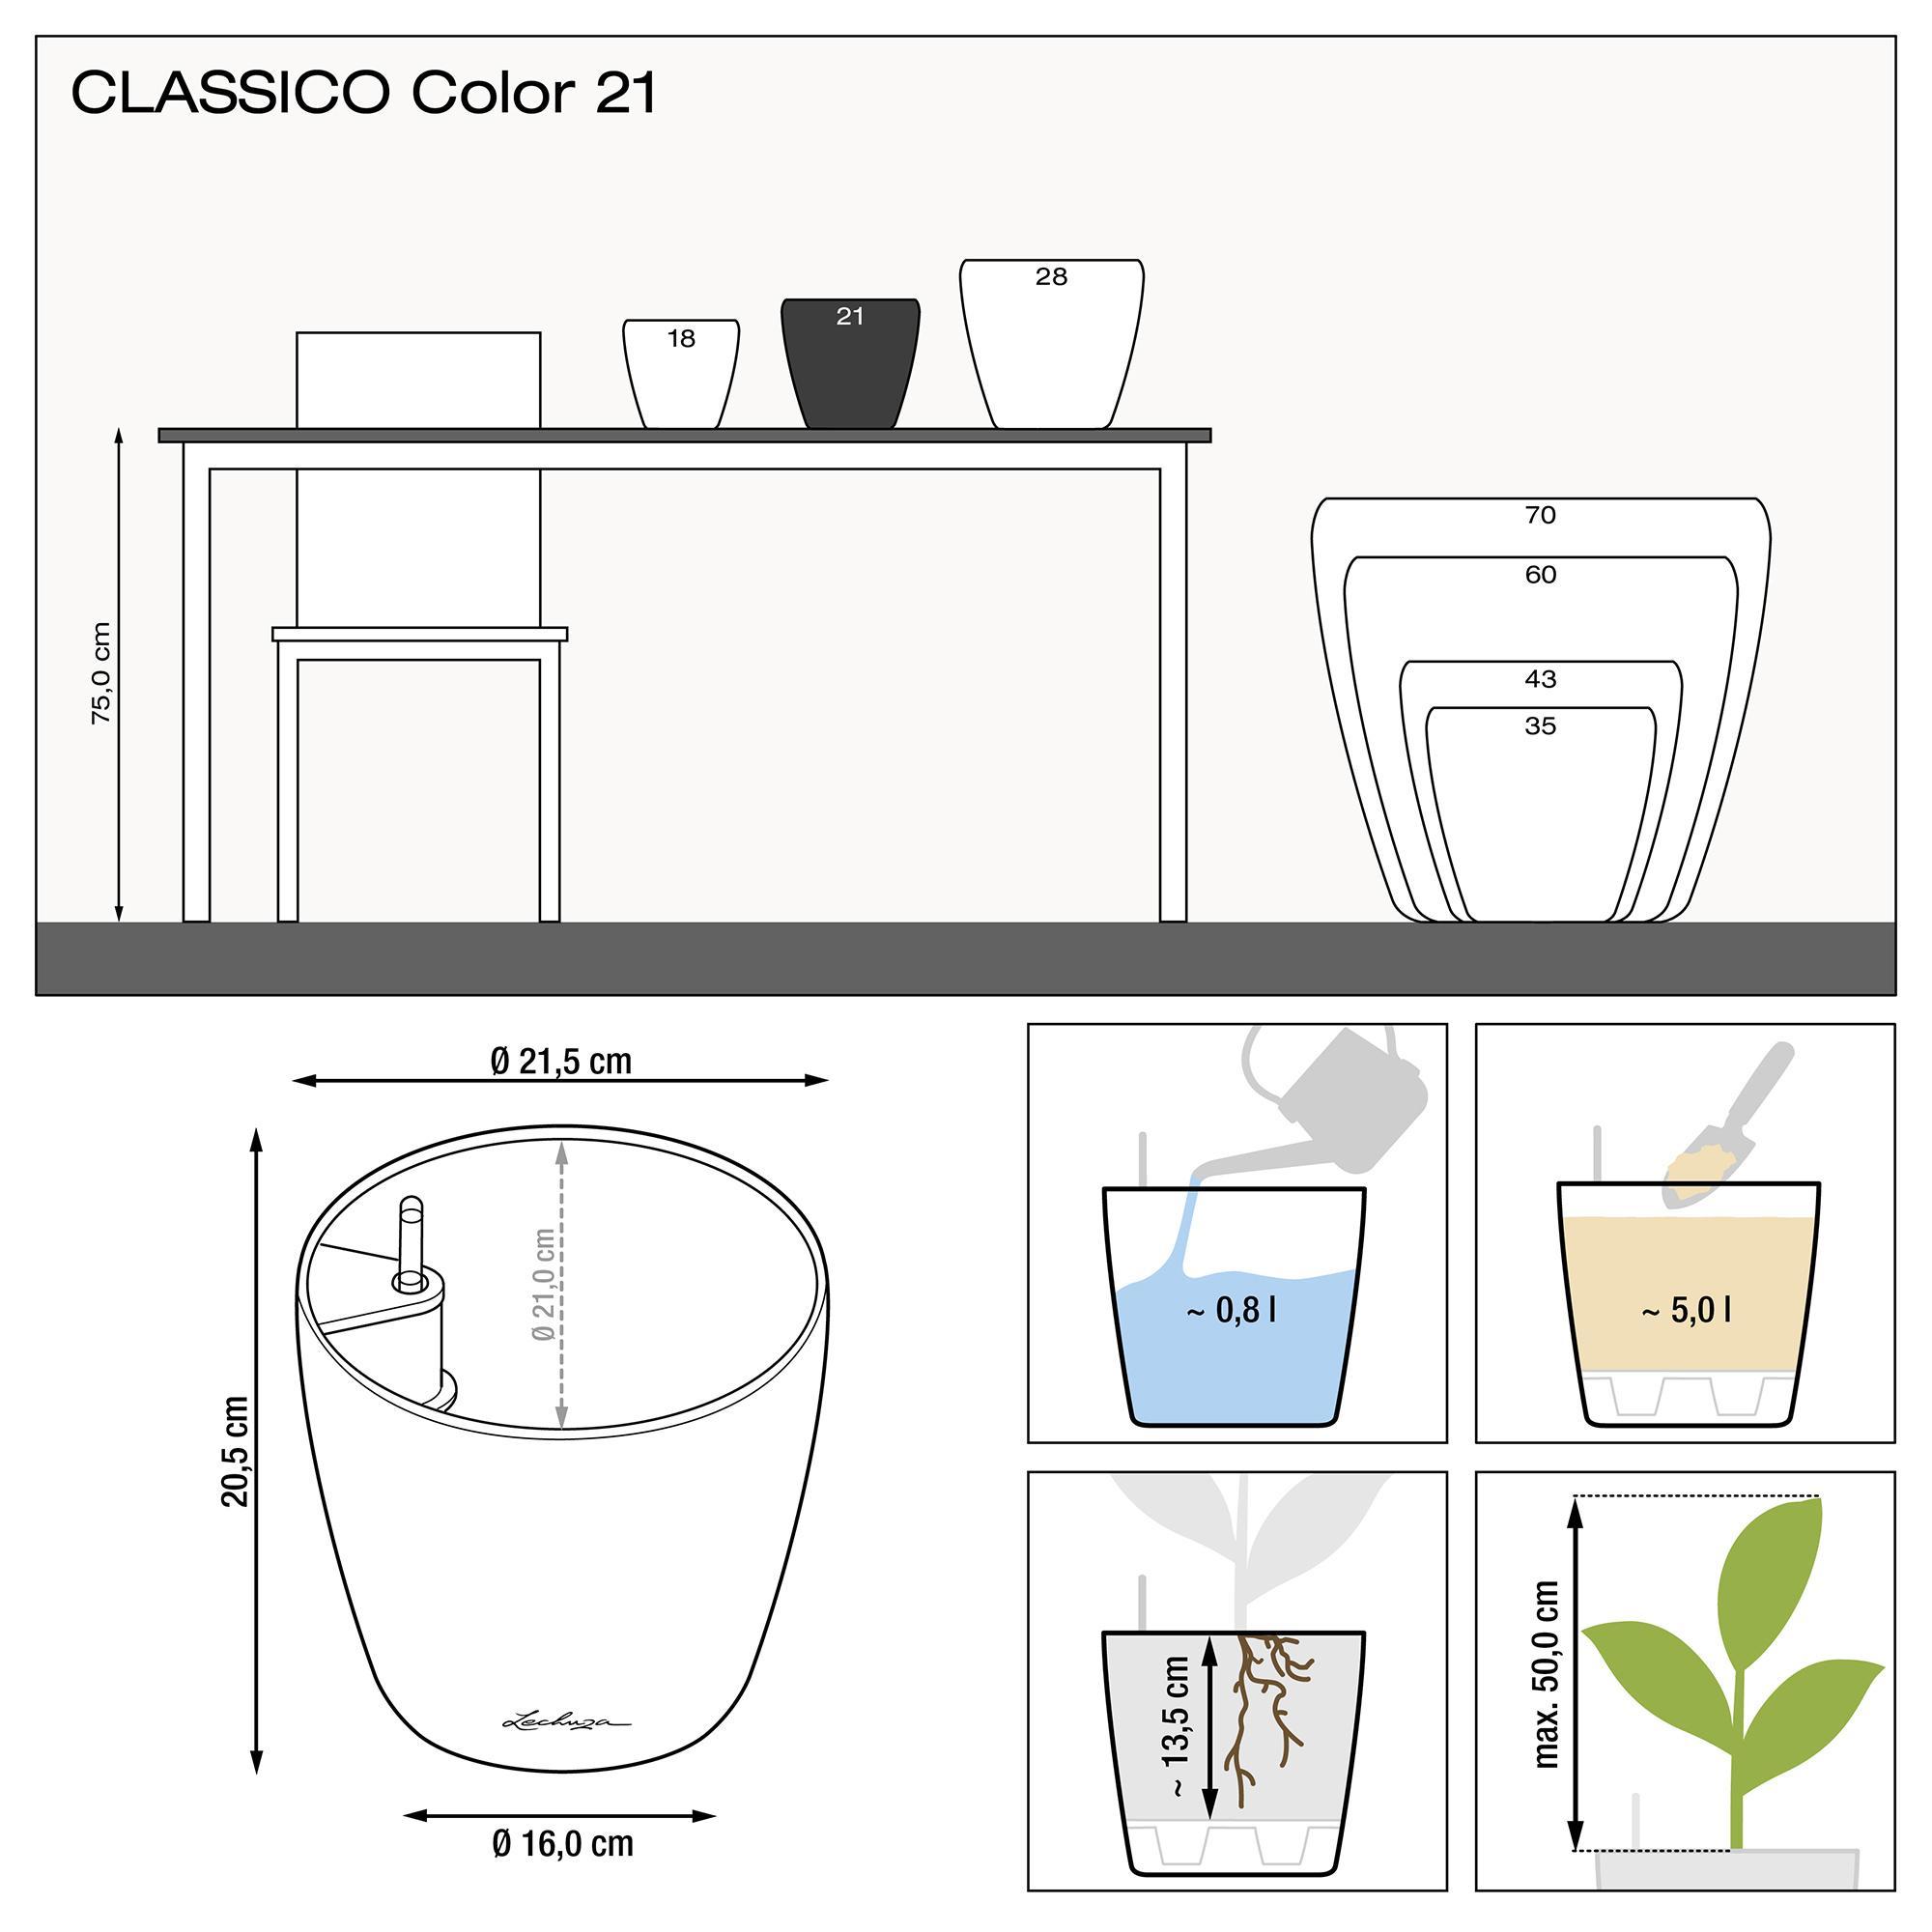 le_classico-color21_product_addi_nz